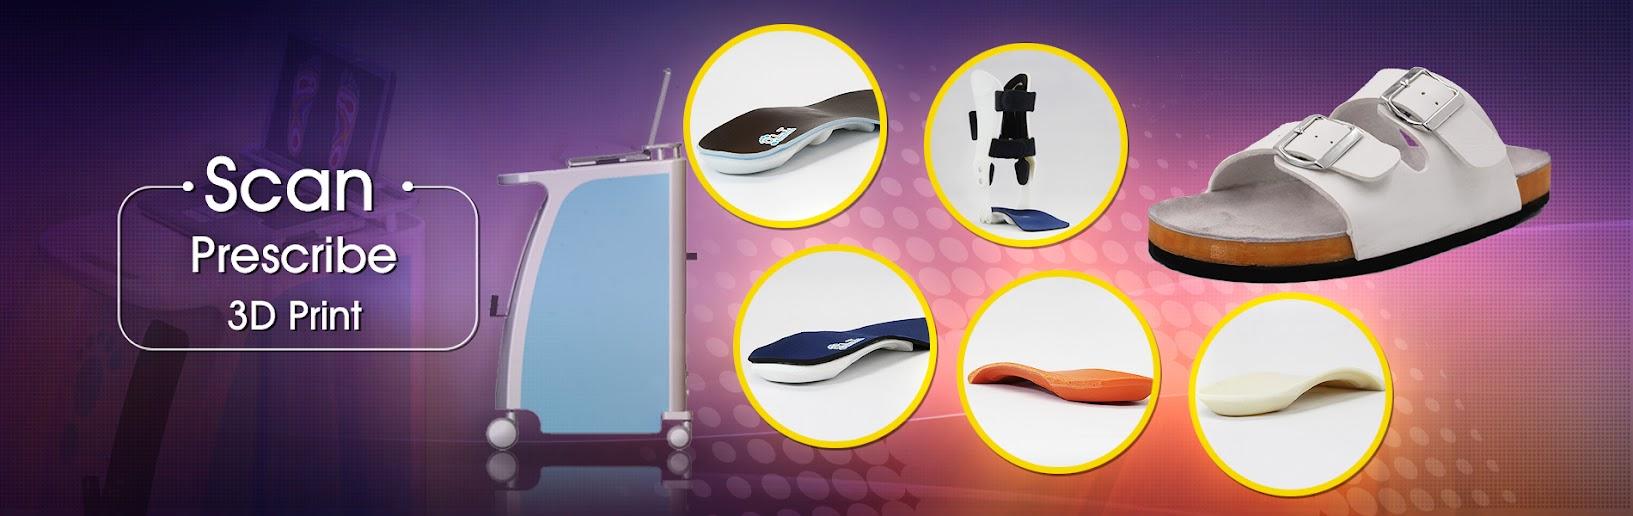 Для потребителей трехмерные печатные сандалии будут изготовлены на заказ и будут идеально подходить для ваших ног, чтобы обеспечить максимальный комфорт и правильную поддержку дуги